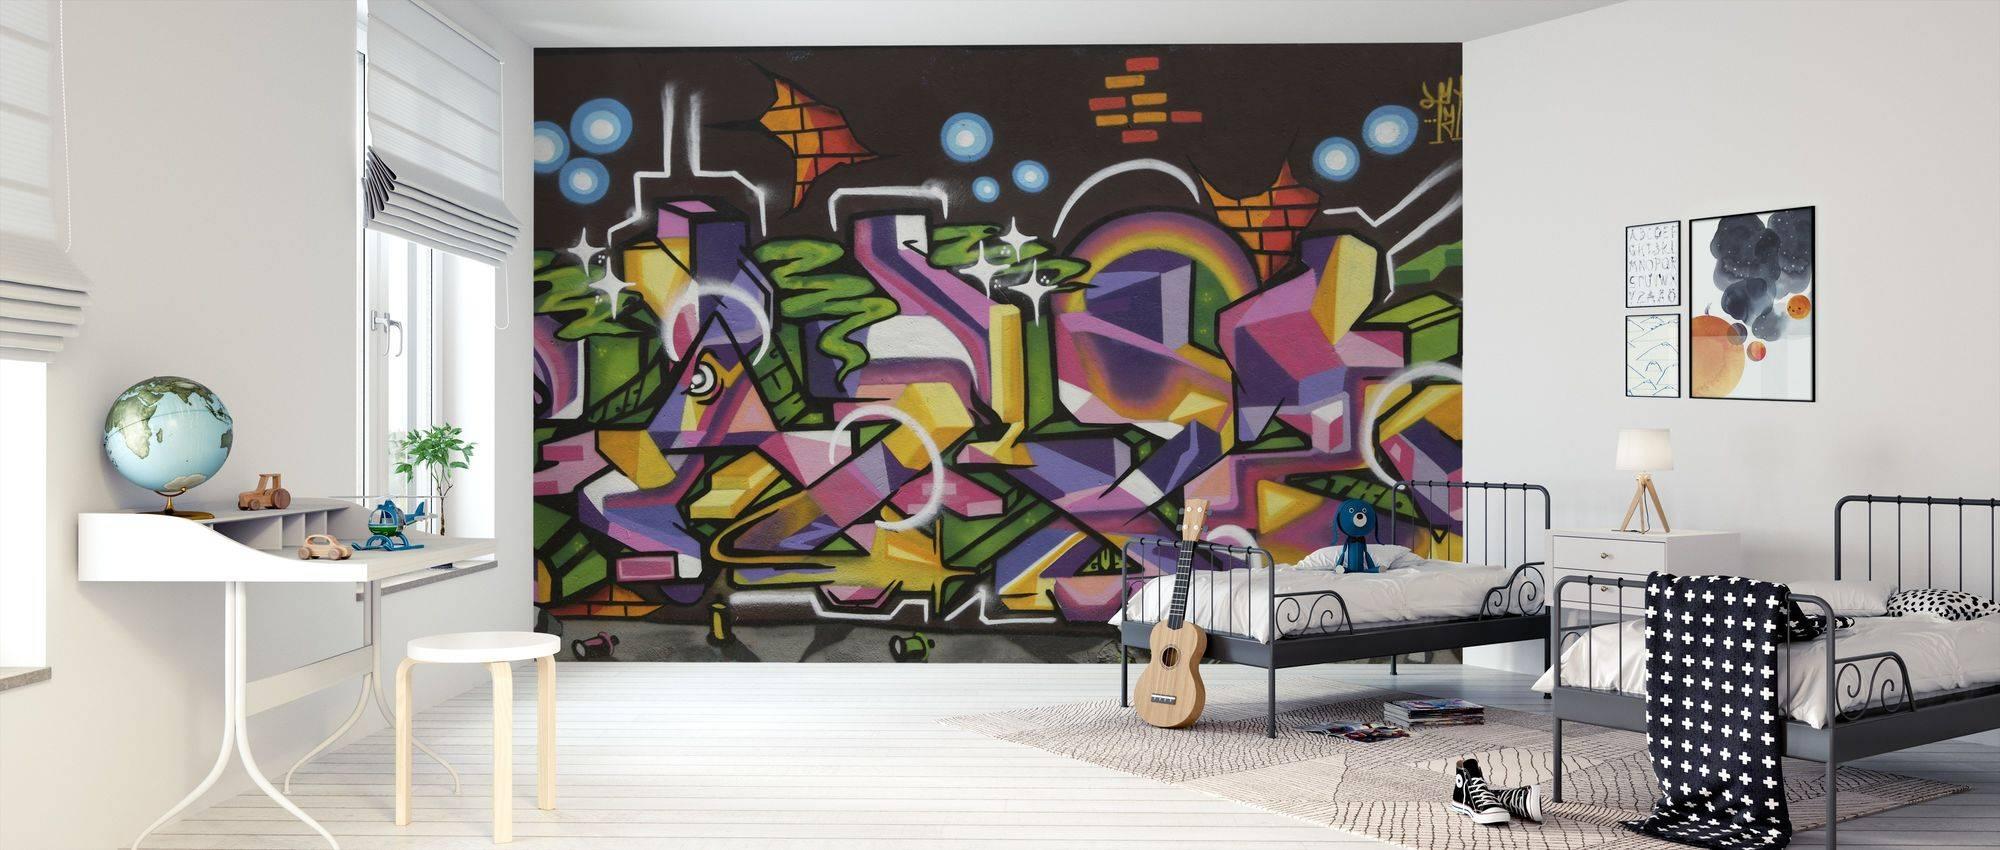 Роспись стен (67 фото): стильная черно-белая роспись квартир, современная художественная роспись акрилом в интерьере гостиной и других комнат, другие виды росписи